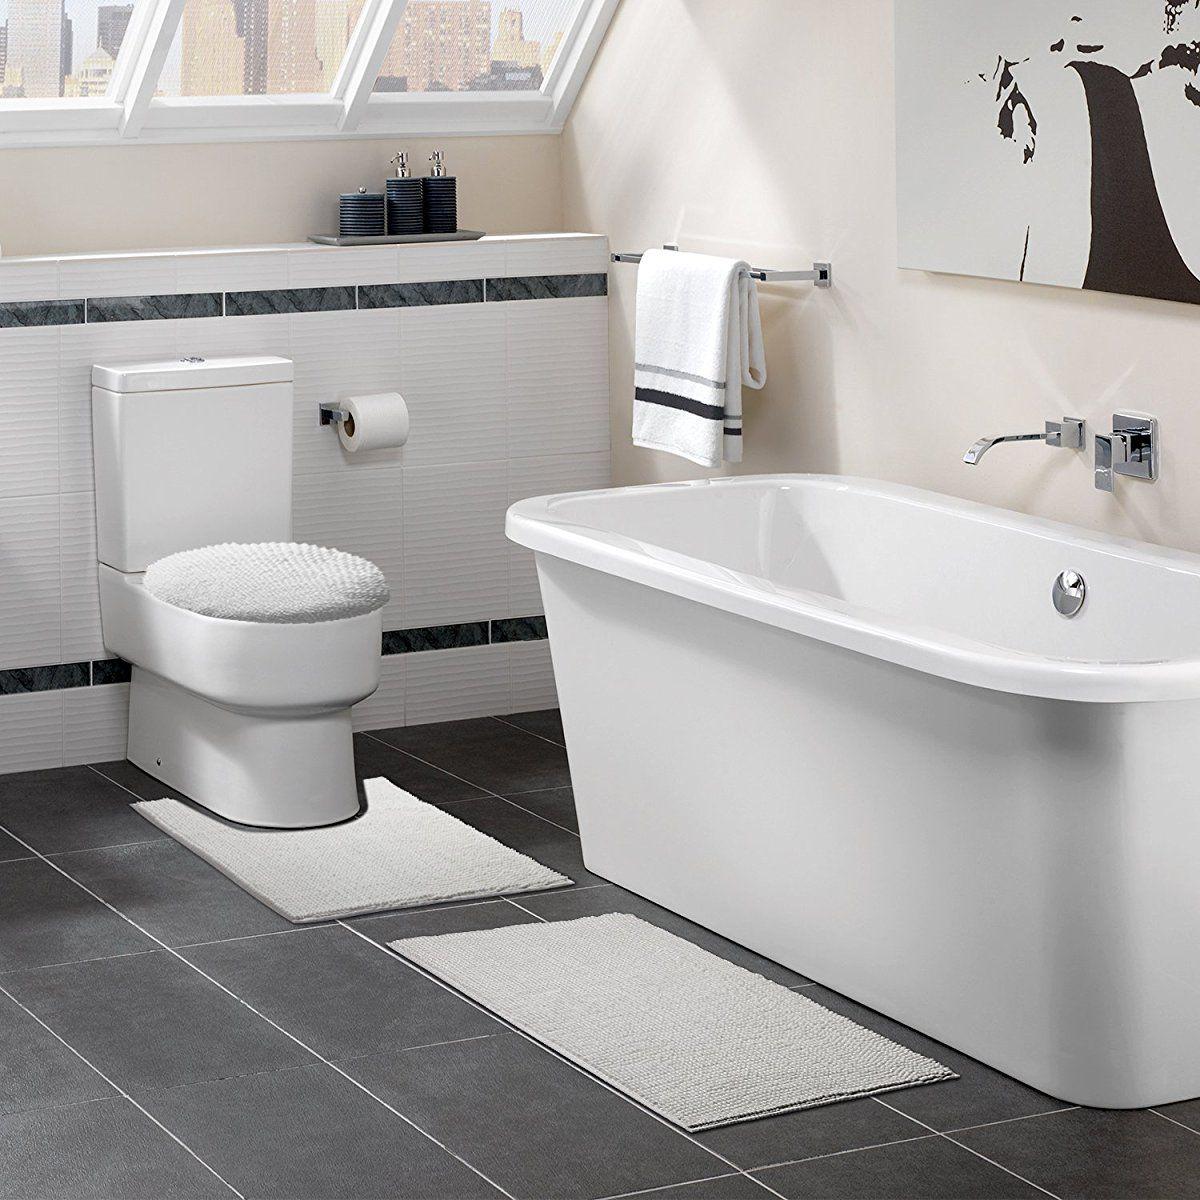 Toilet Rug White Toilet Rug Bathroom Rugs Rugs